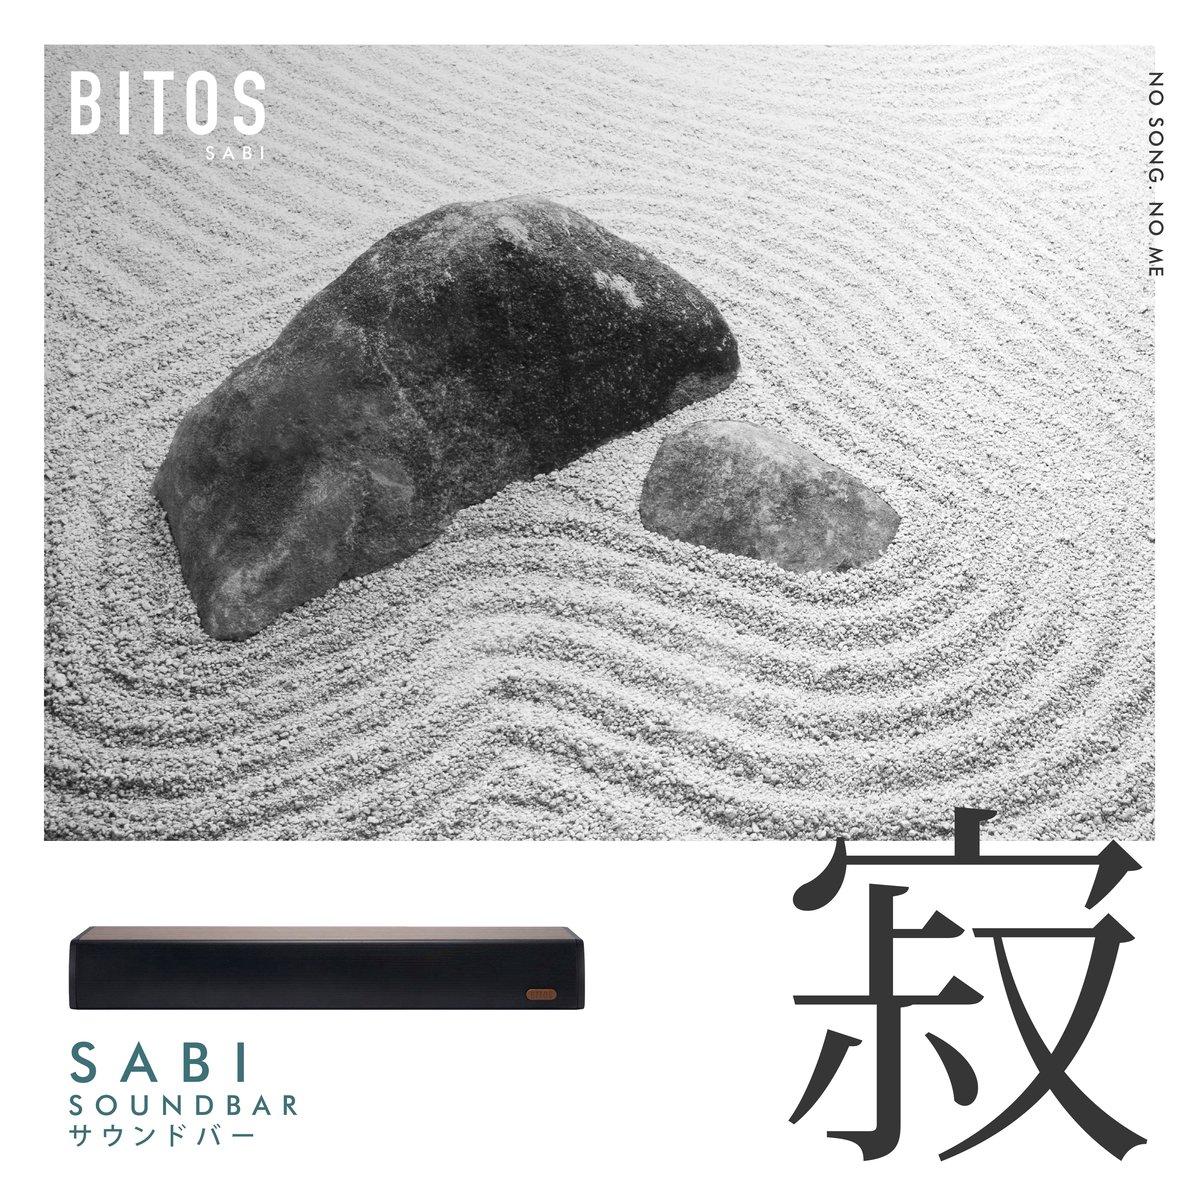 Bitos SABI 2.0 Sound Bar